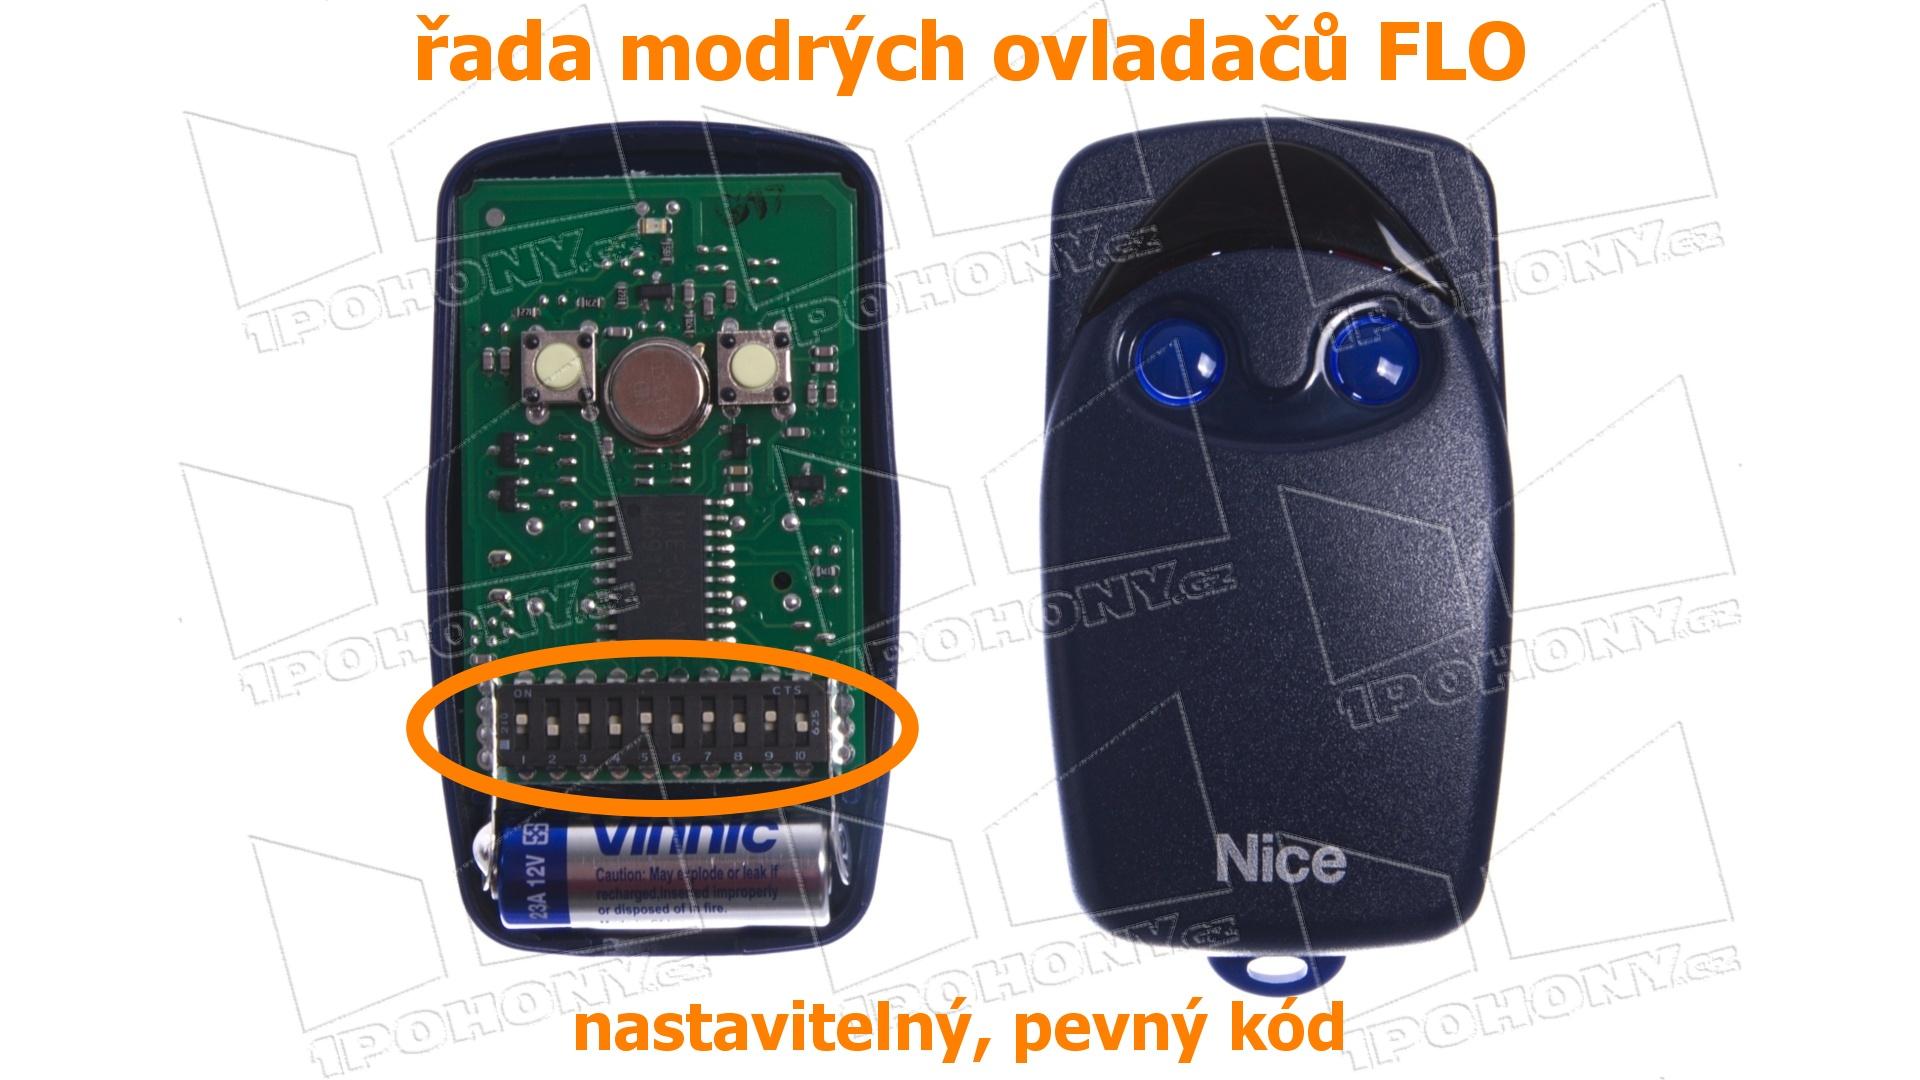 Přestalo mi fungovat dálkové ovládání garážových vrat. Ovladač Nice FLO2. Jak zjistím, jestli je pokažný ovladač, nebo příjmač?